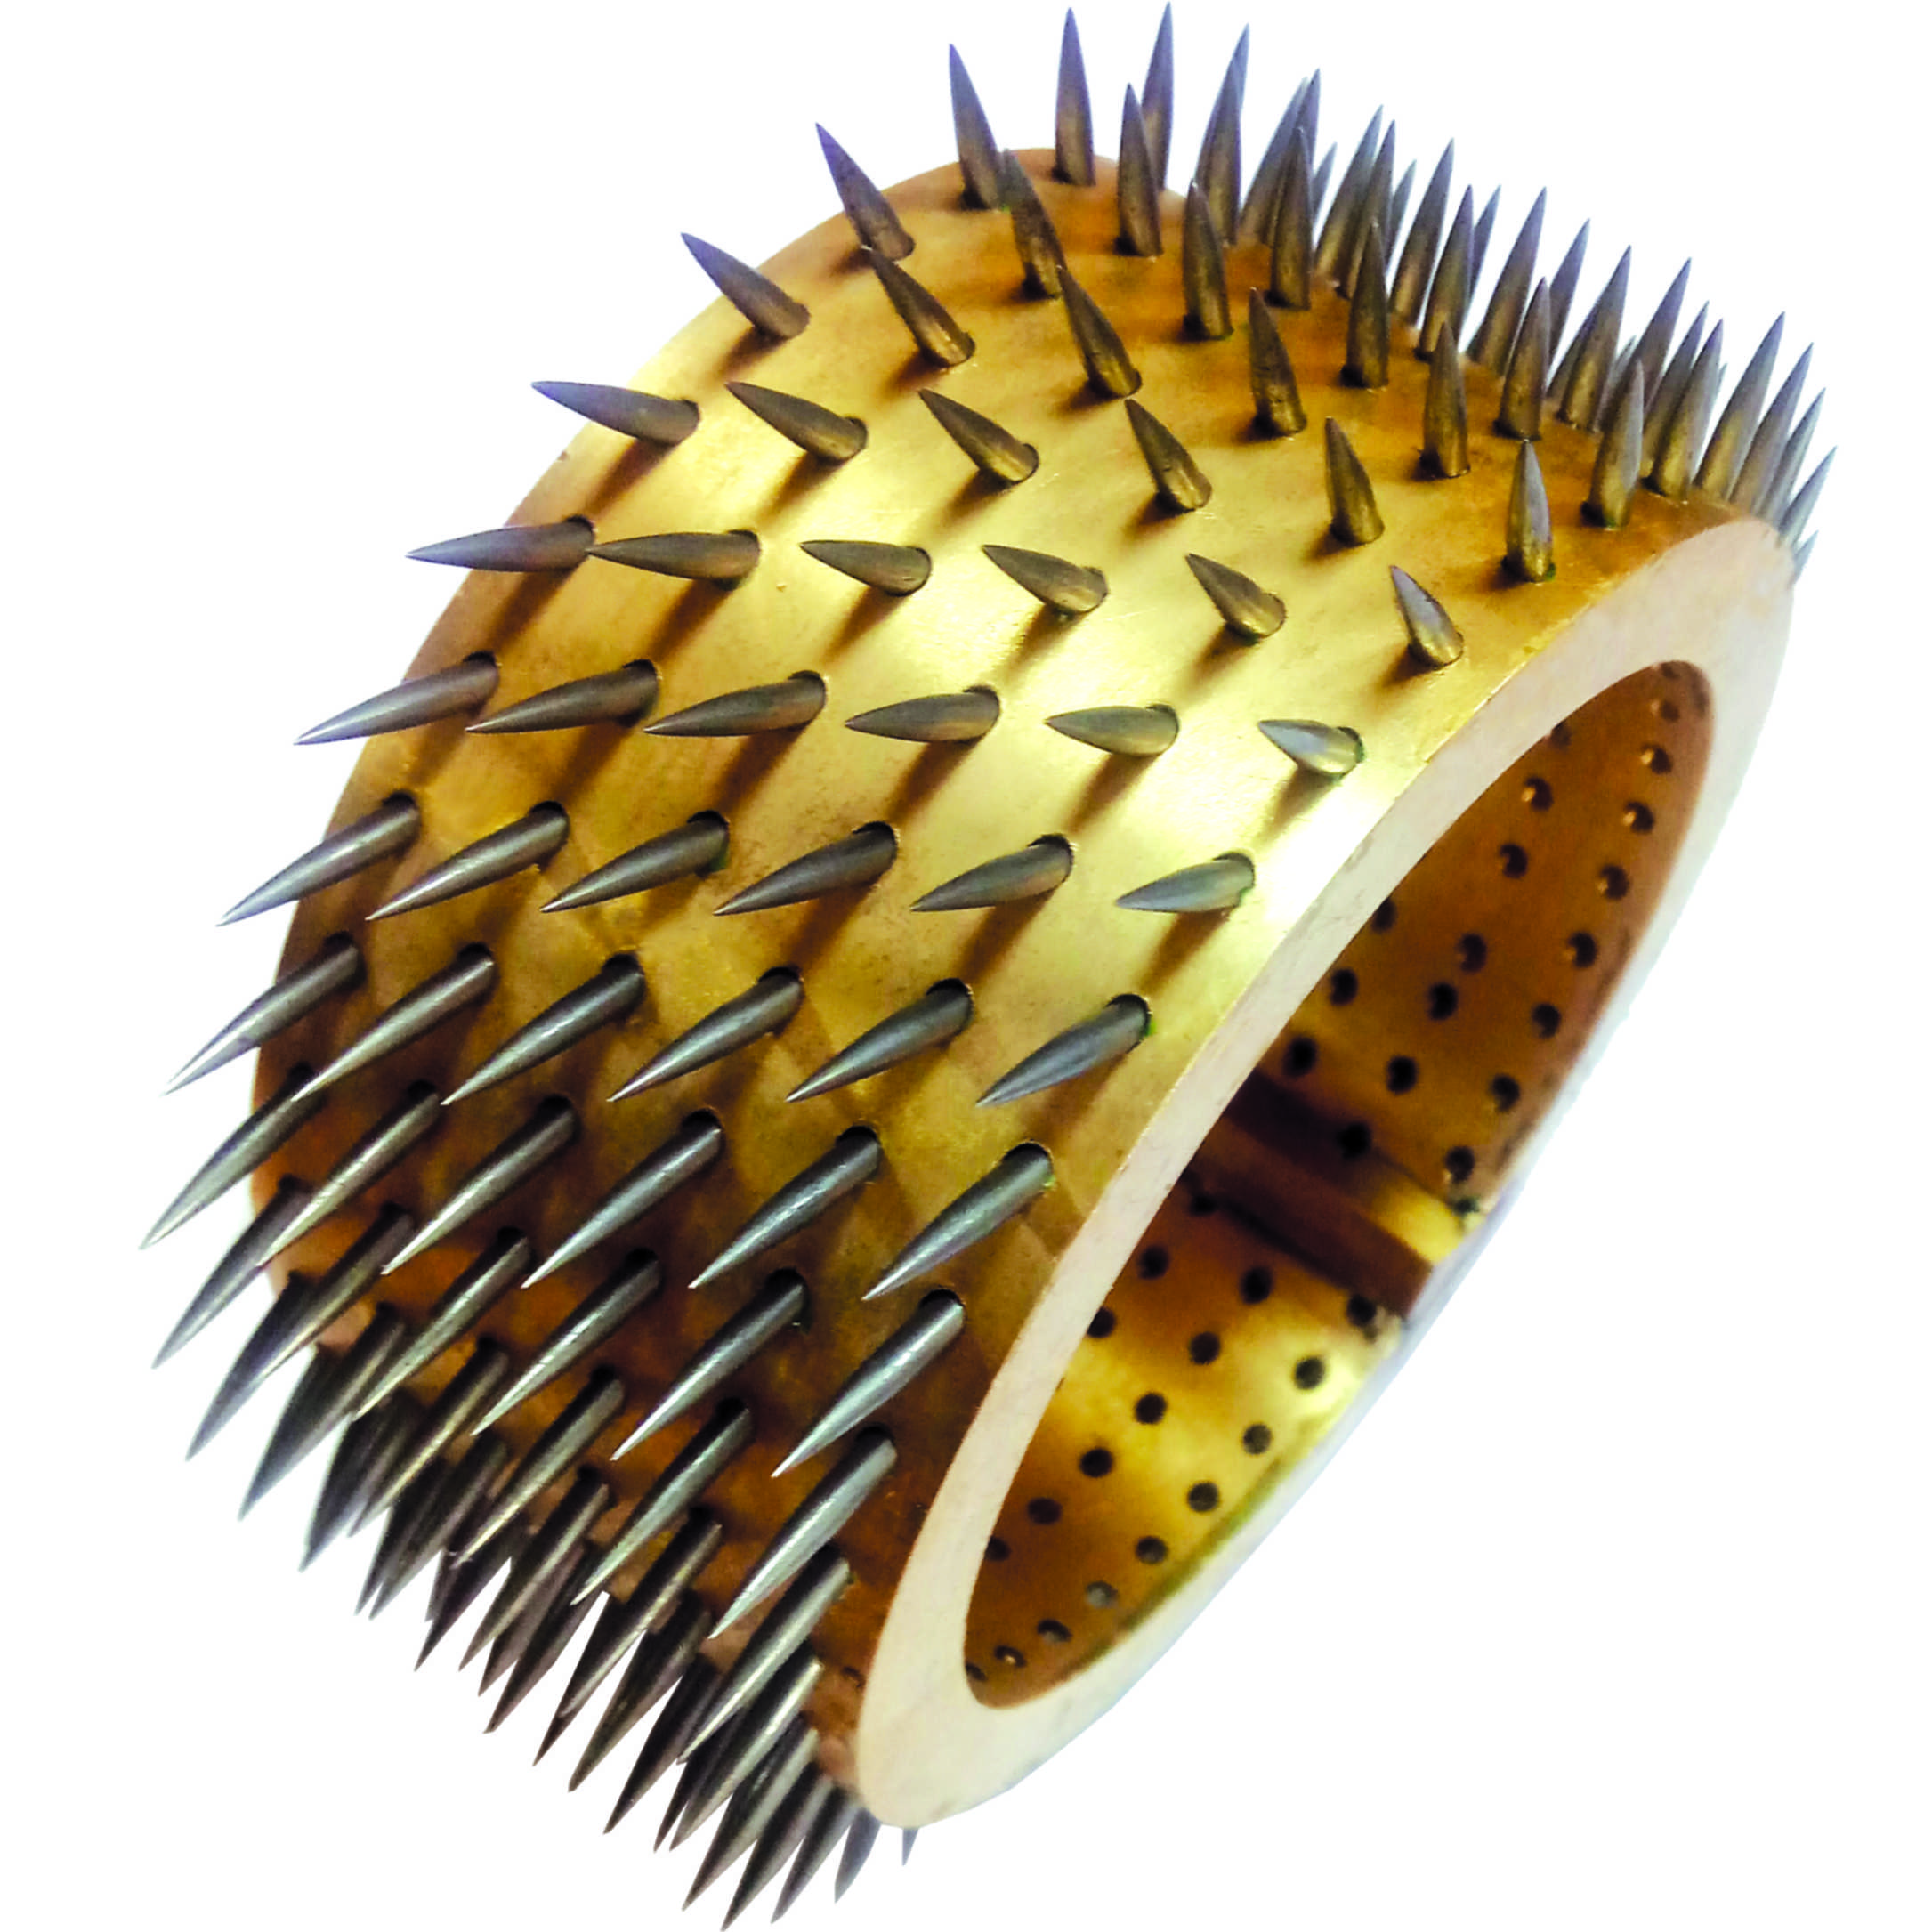 Almeter combs